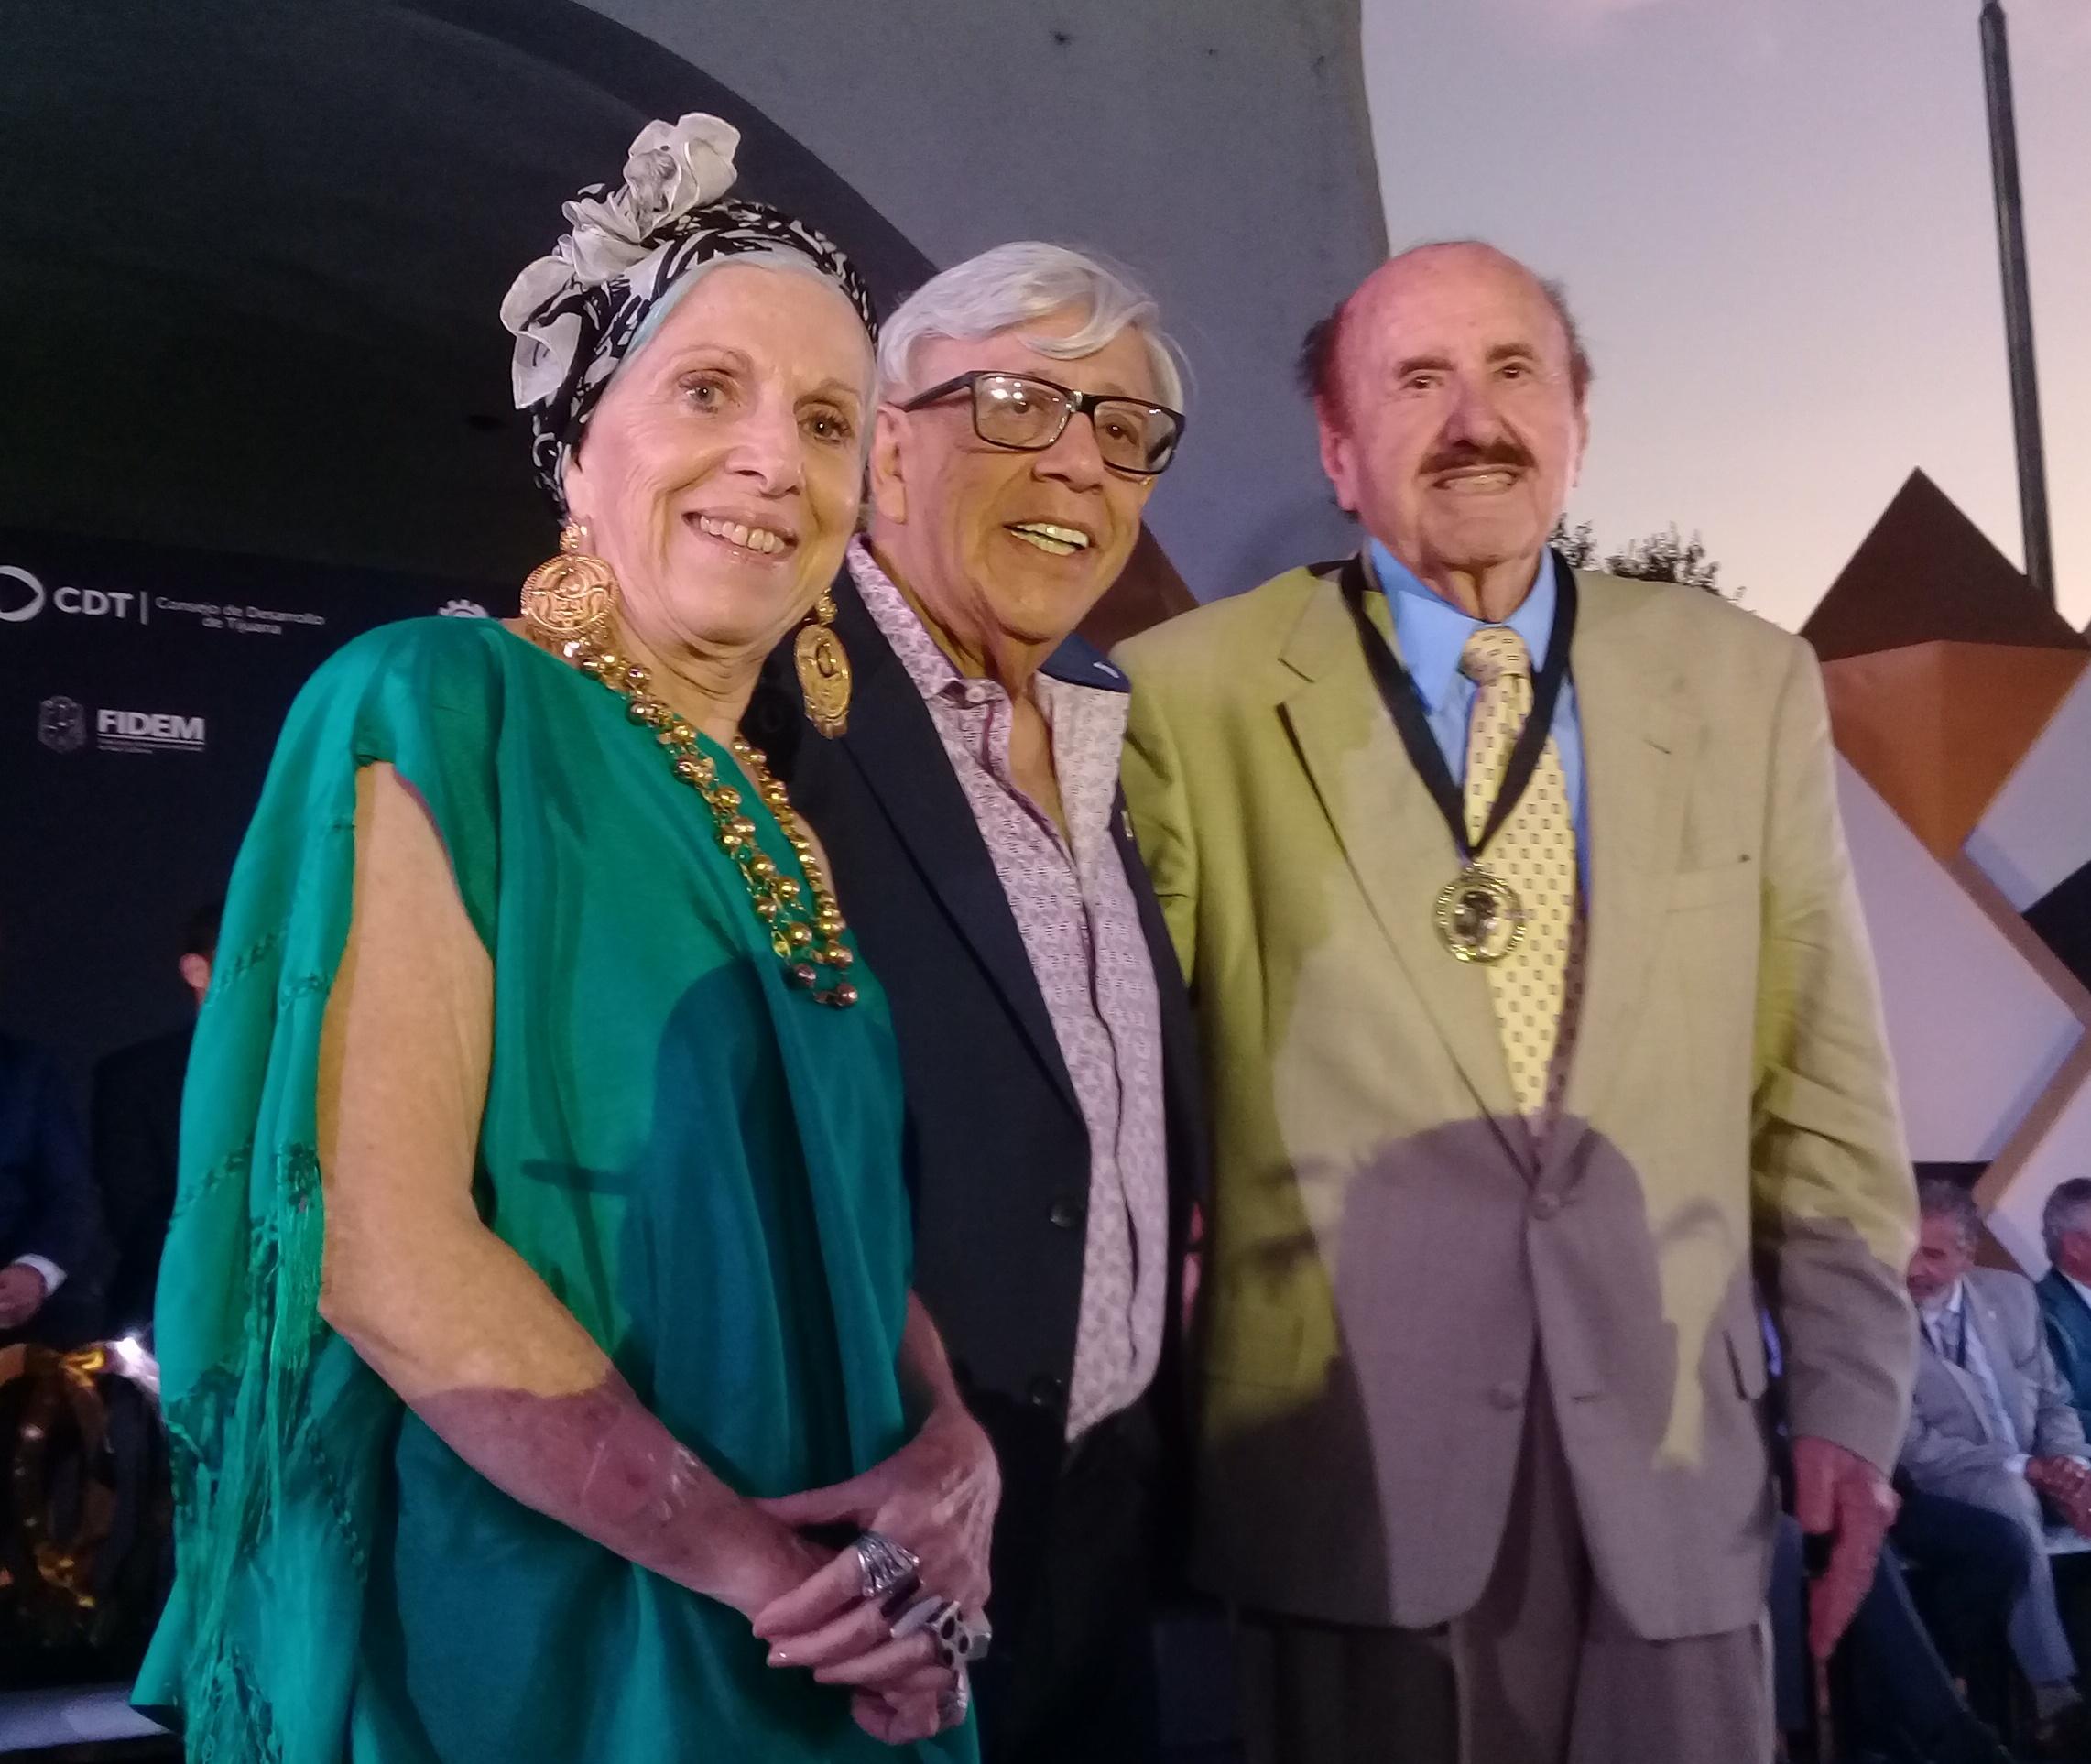 Juan Medrano y Benjamín Rendón, personajes del Paseo de la Fama de Tijuana